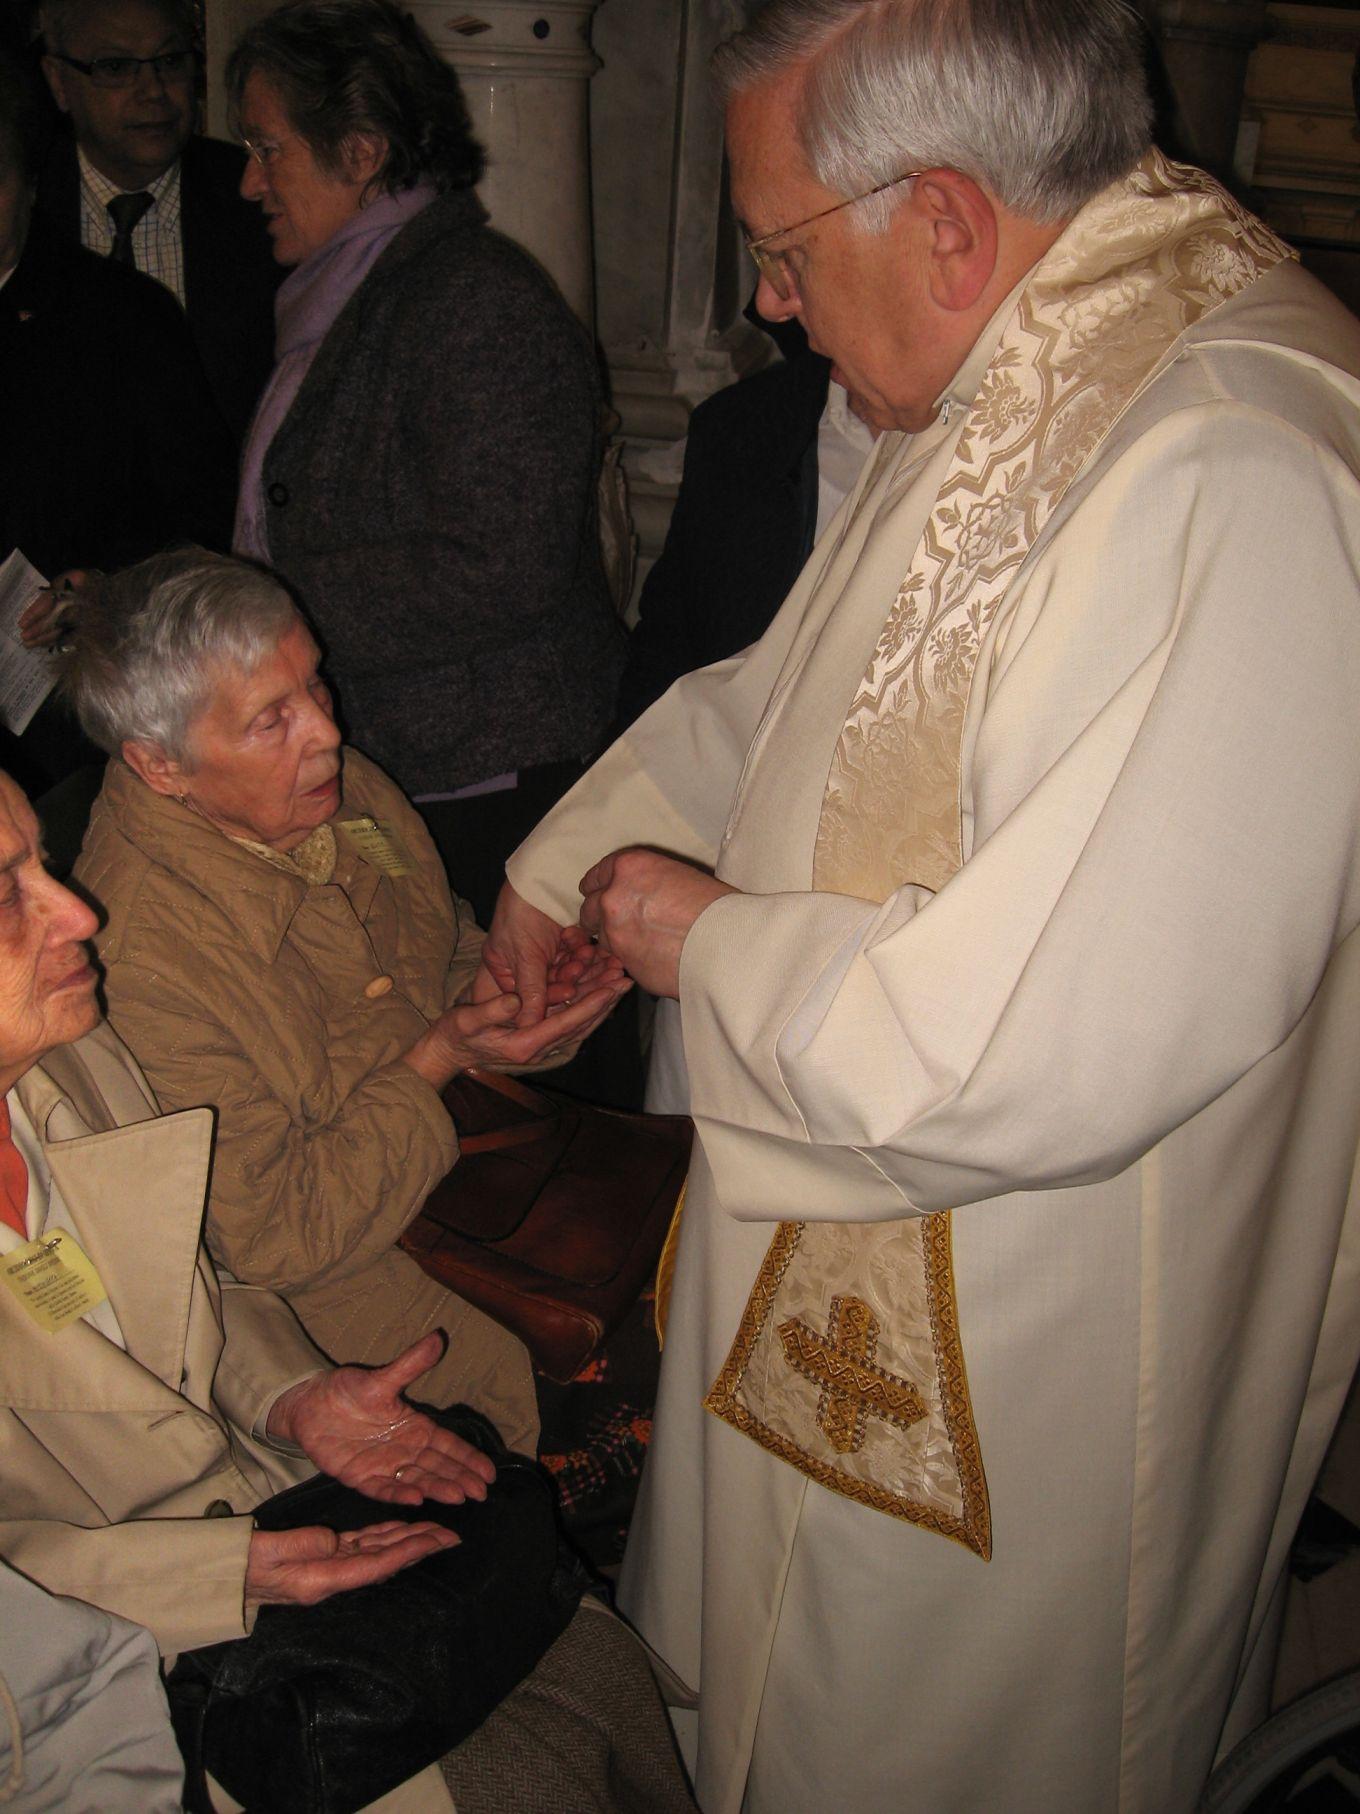 Giornata_del_Malato-2009-04-19--16.12.13